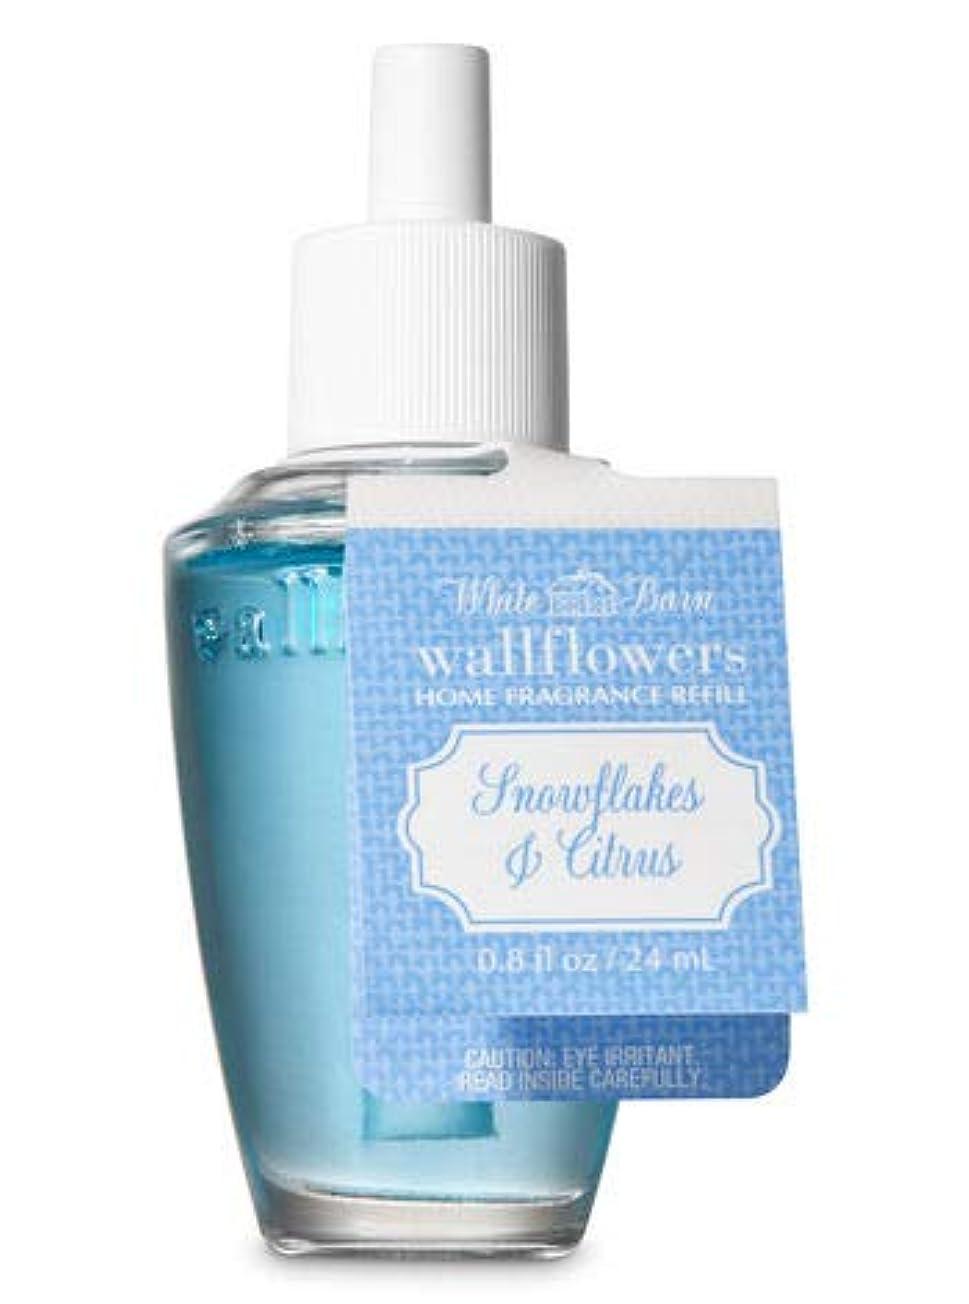 ダンプビールびっくりする【Bath&Body Works/バス&ボディワークス】 ルームフレグランス 詰替えリフィル スノーフレーク&シトラス Wallflowers Home Fragrance Refill Snowflakes & Citrus [並行輸入品]